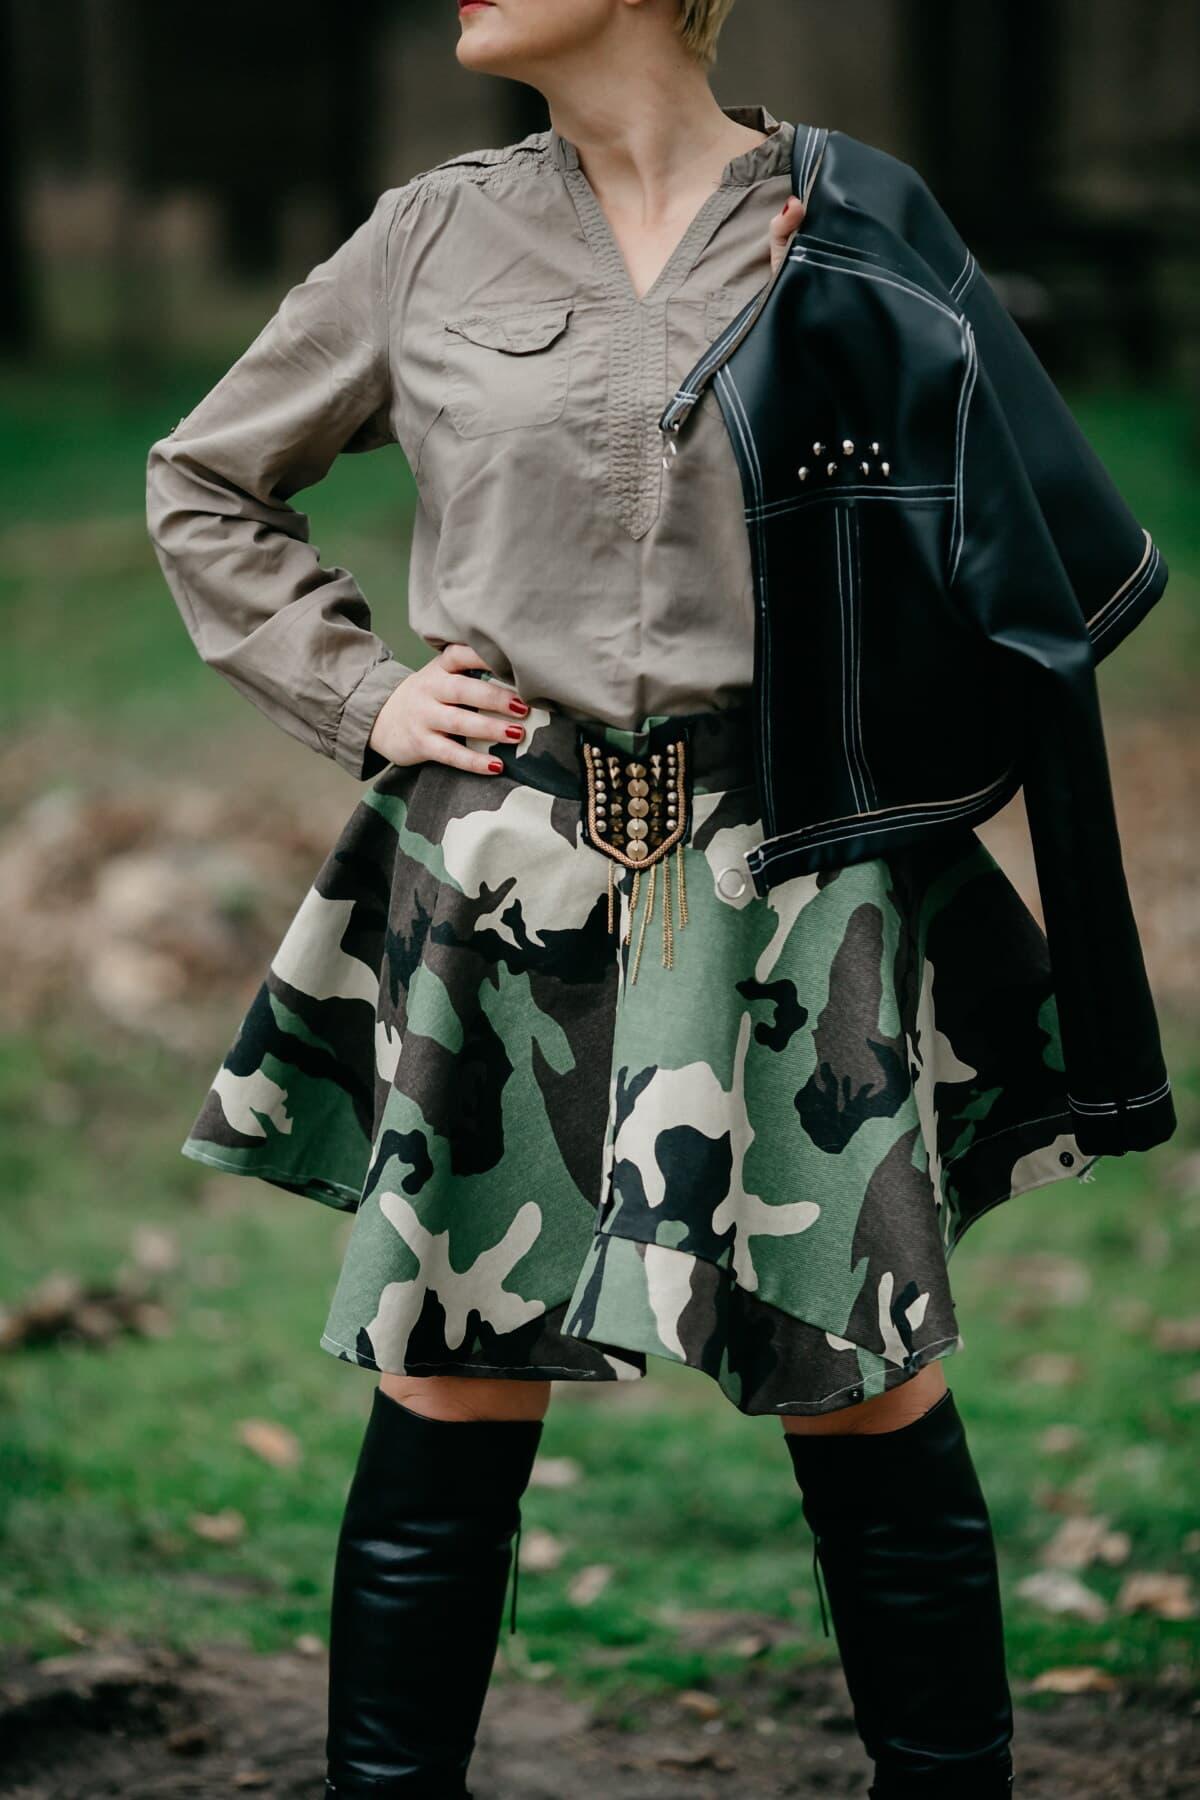 молода жінка, армія, військові, спорядження, мода, спідниця, сорочка, постановка, шкіряні, Чоботи